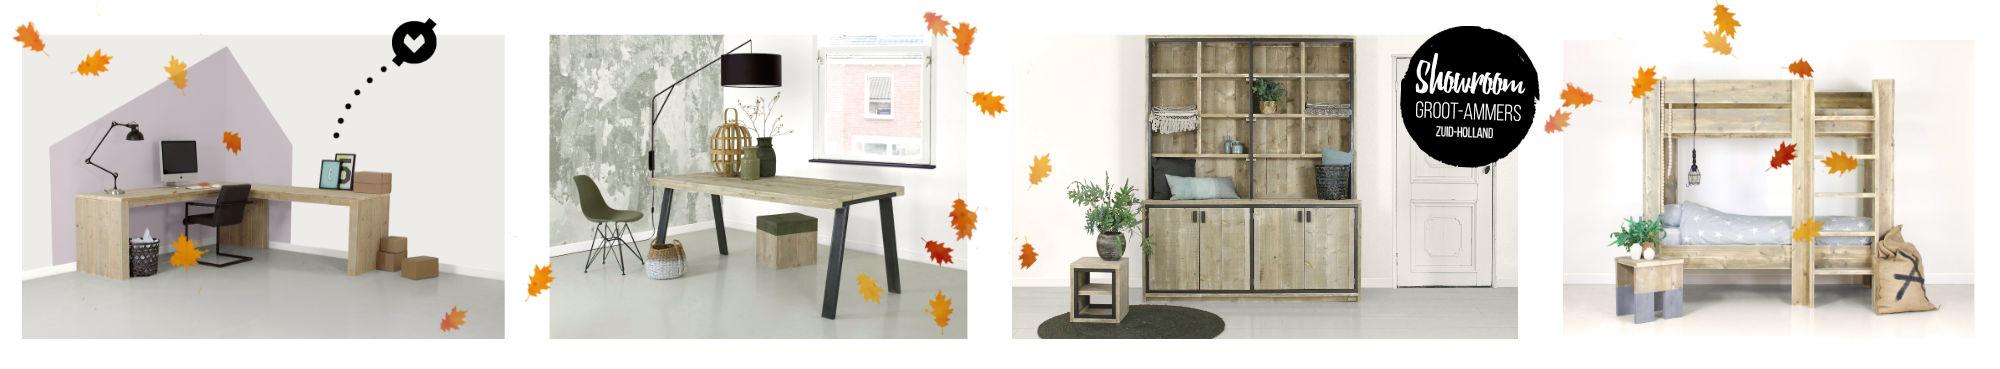 Steigerhouten meubels en projecten, showroom in Groot-Ammers.